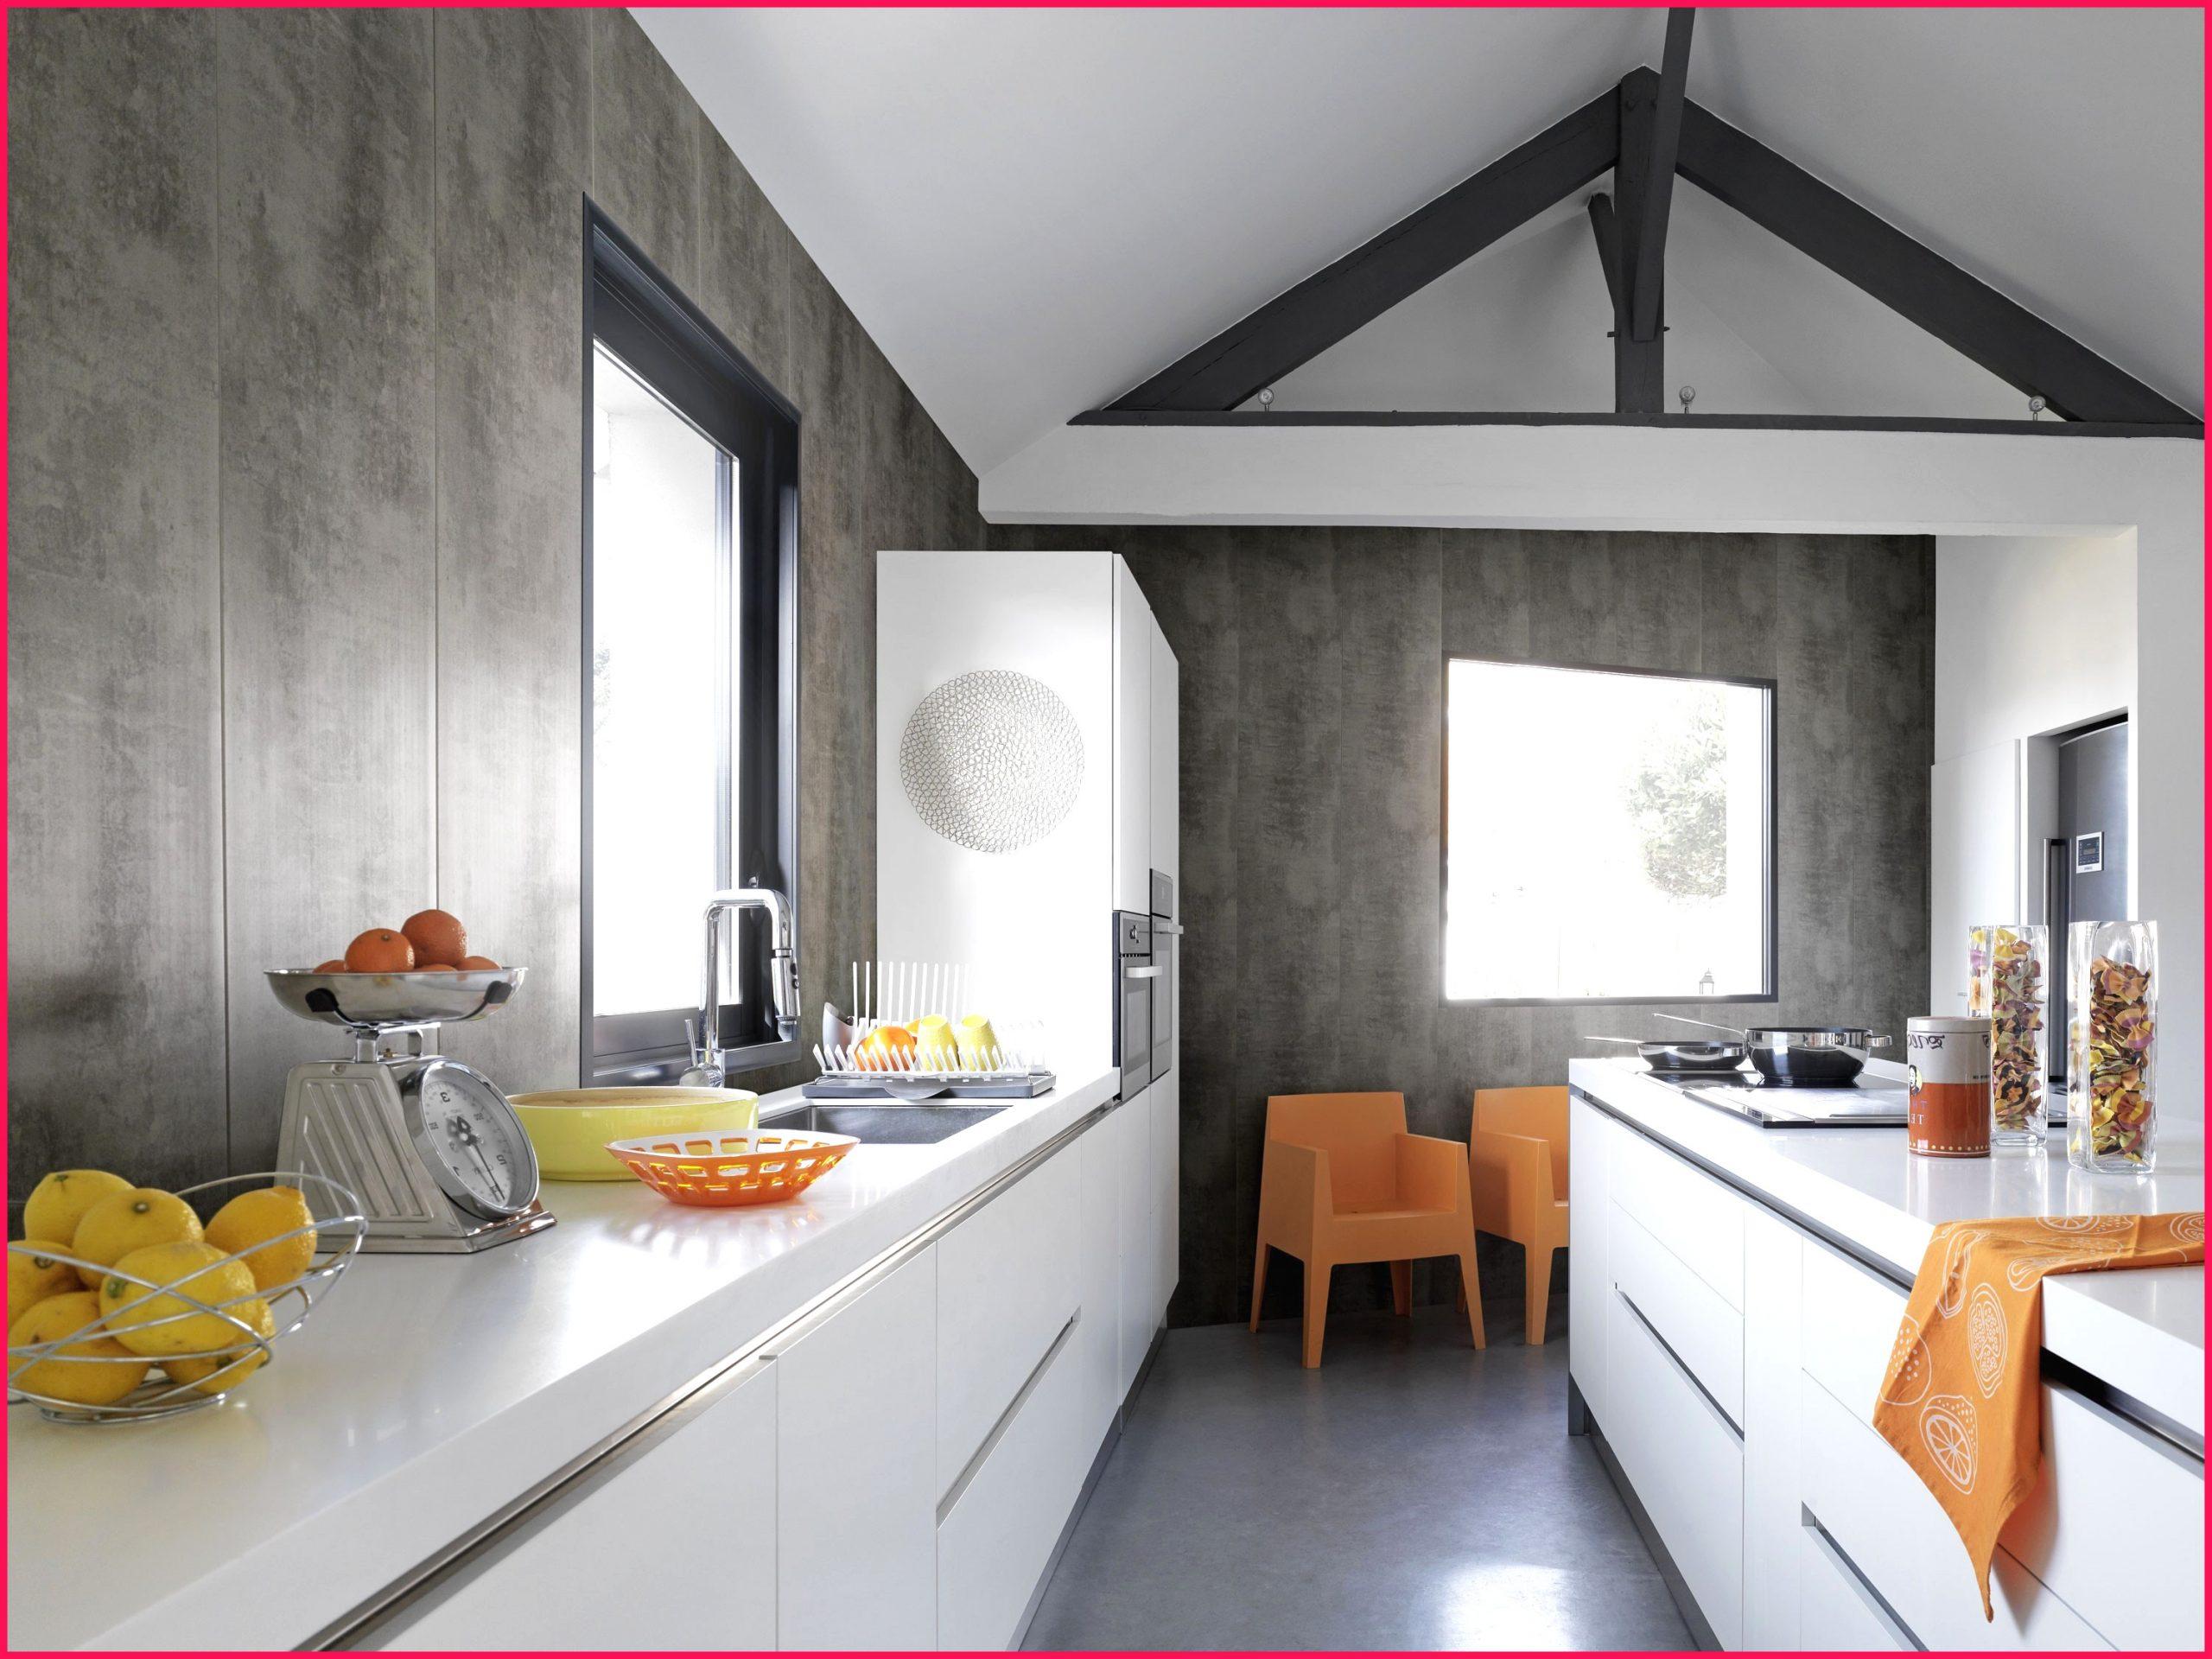 Revetement Mural Design Pas Cher Concernant Carrelage Antiderapant Cuisine Professionnelle Leroy Merlin Agencecormierdelauniere Com Agencecormierdelauniere Com